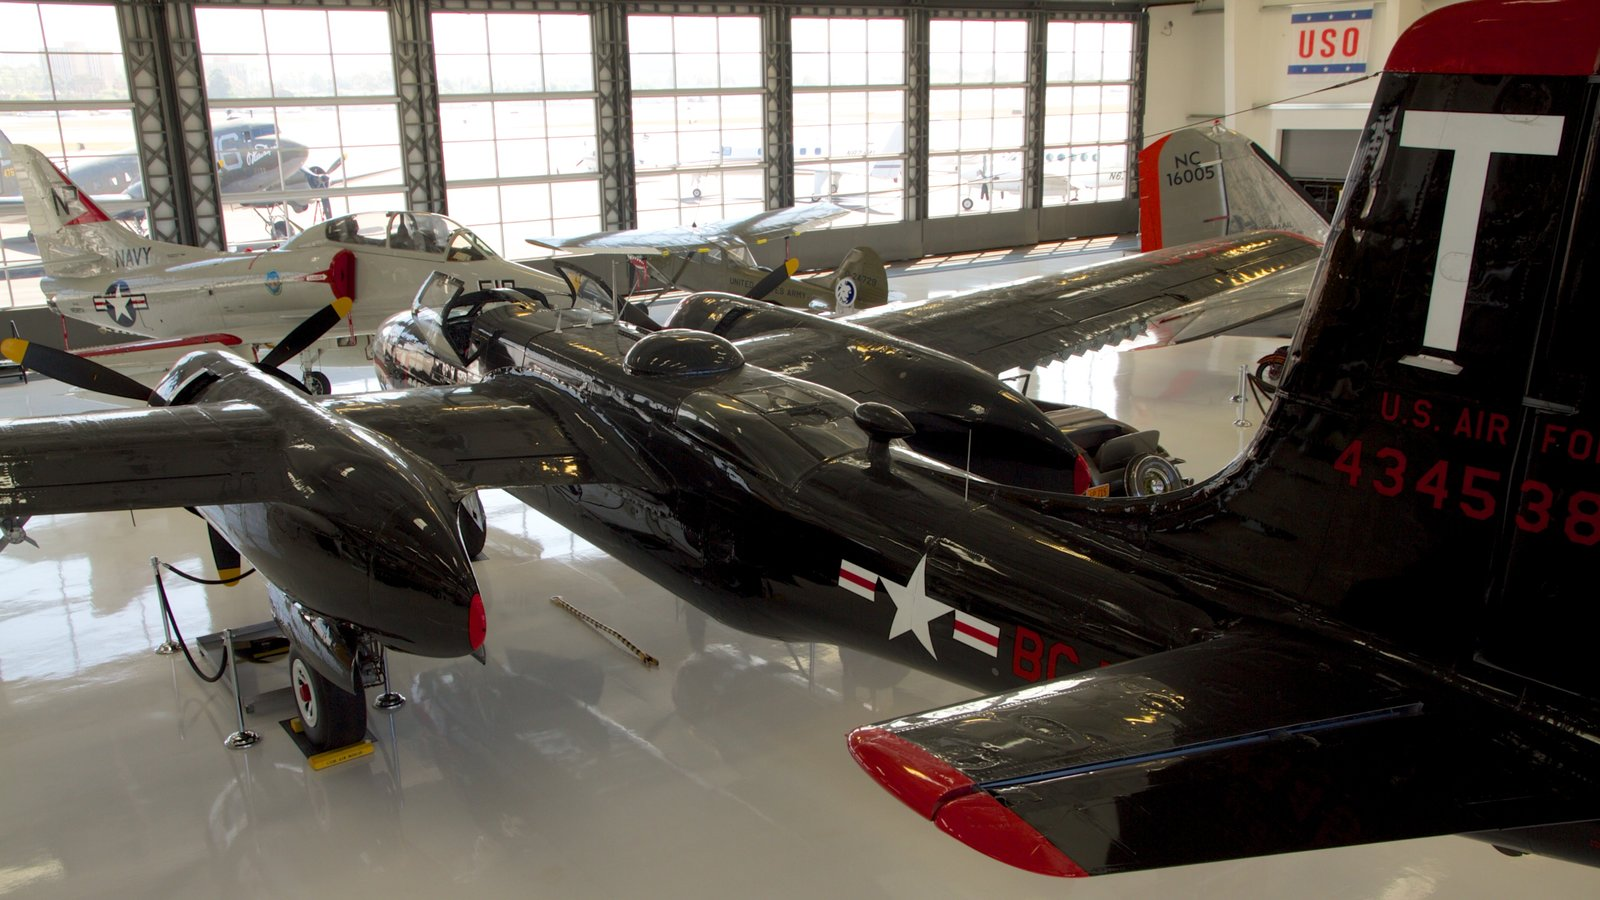 Museo del Aire Lyon mostrando aeronave y vistas interiores